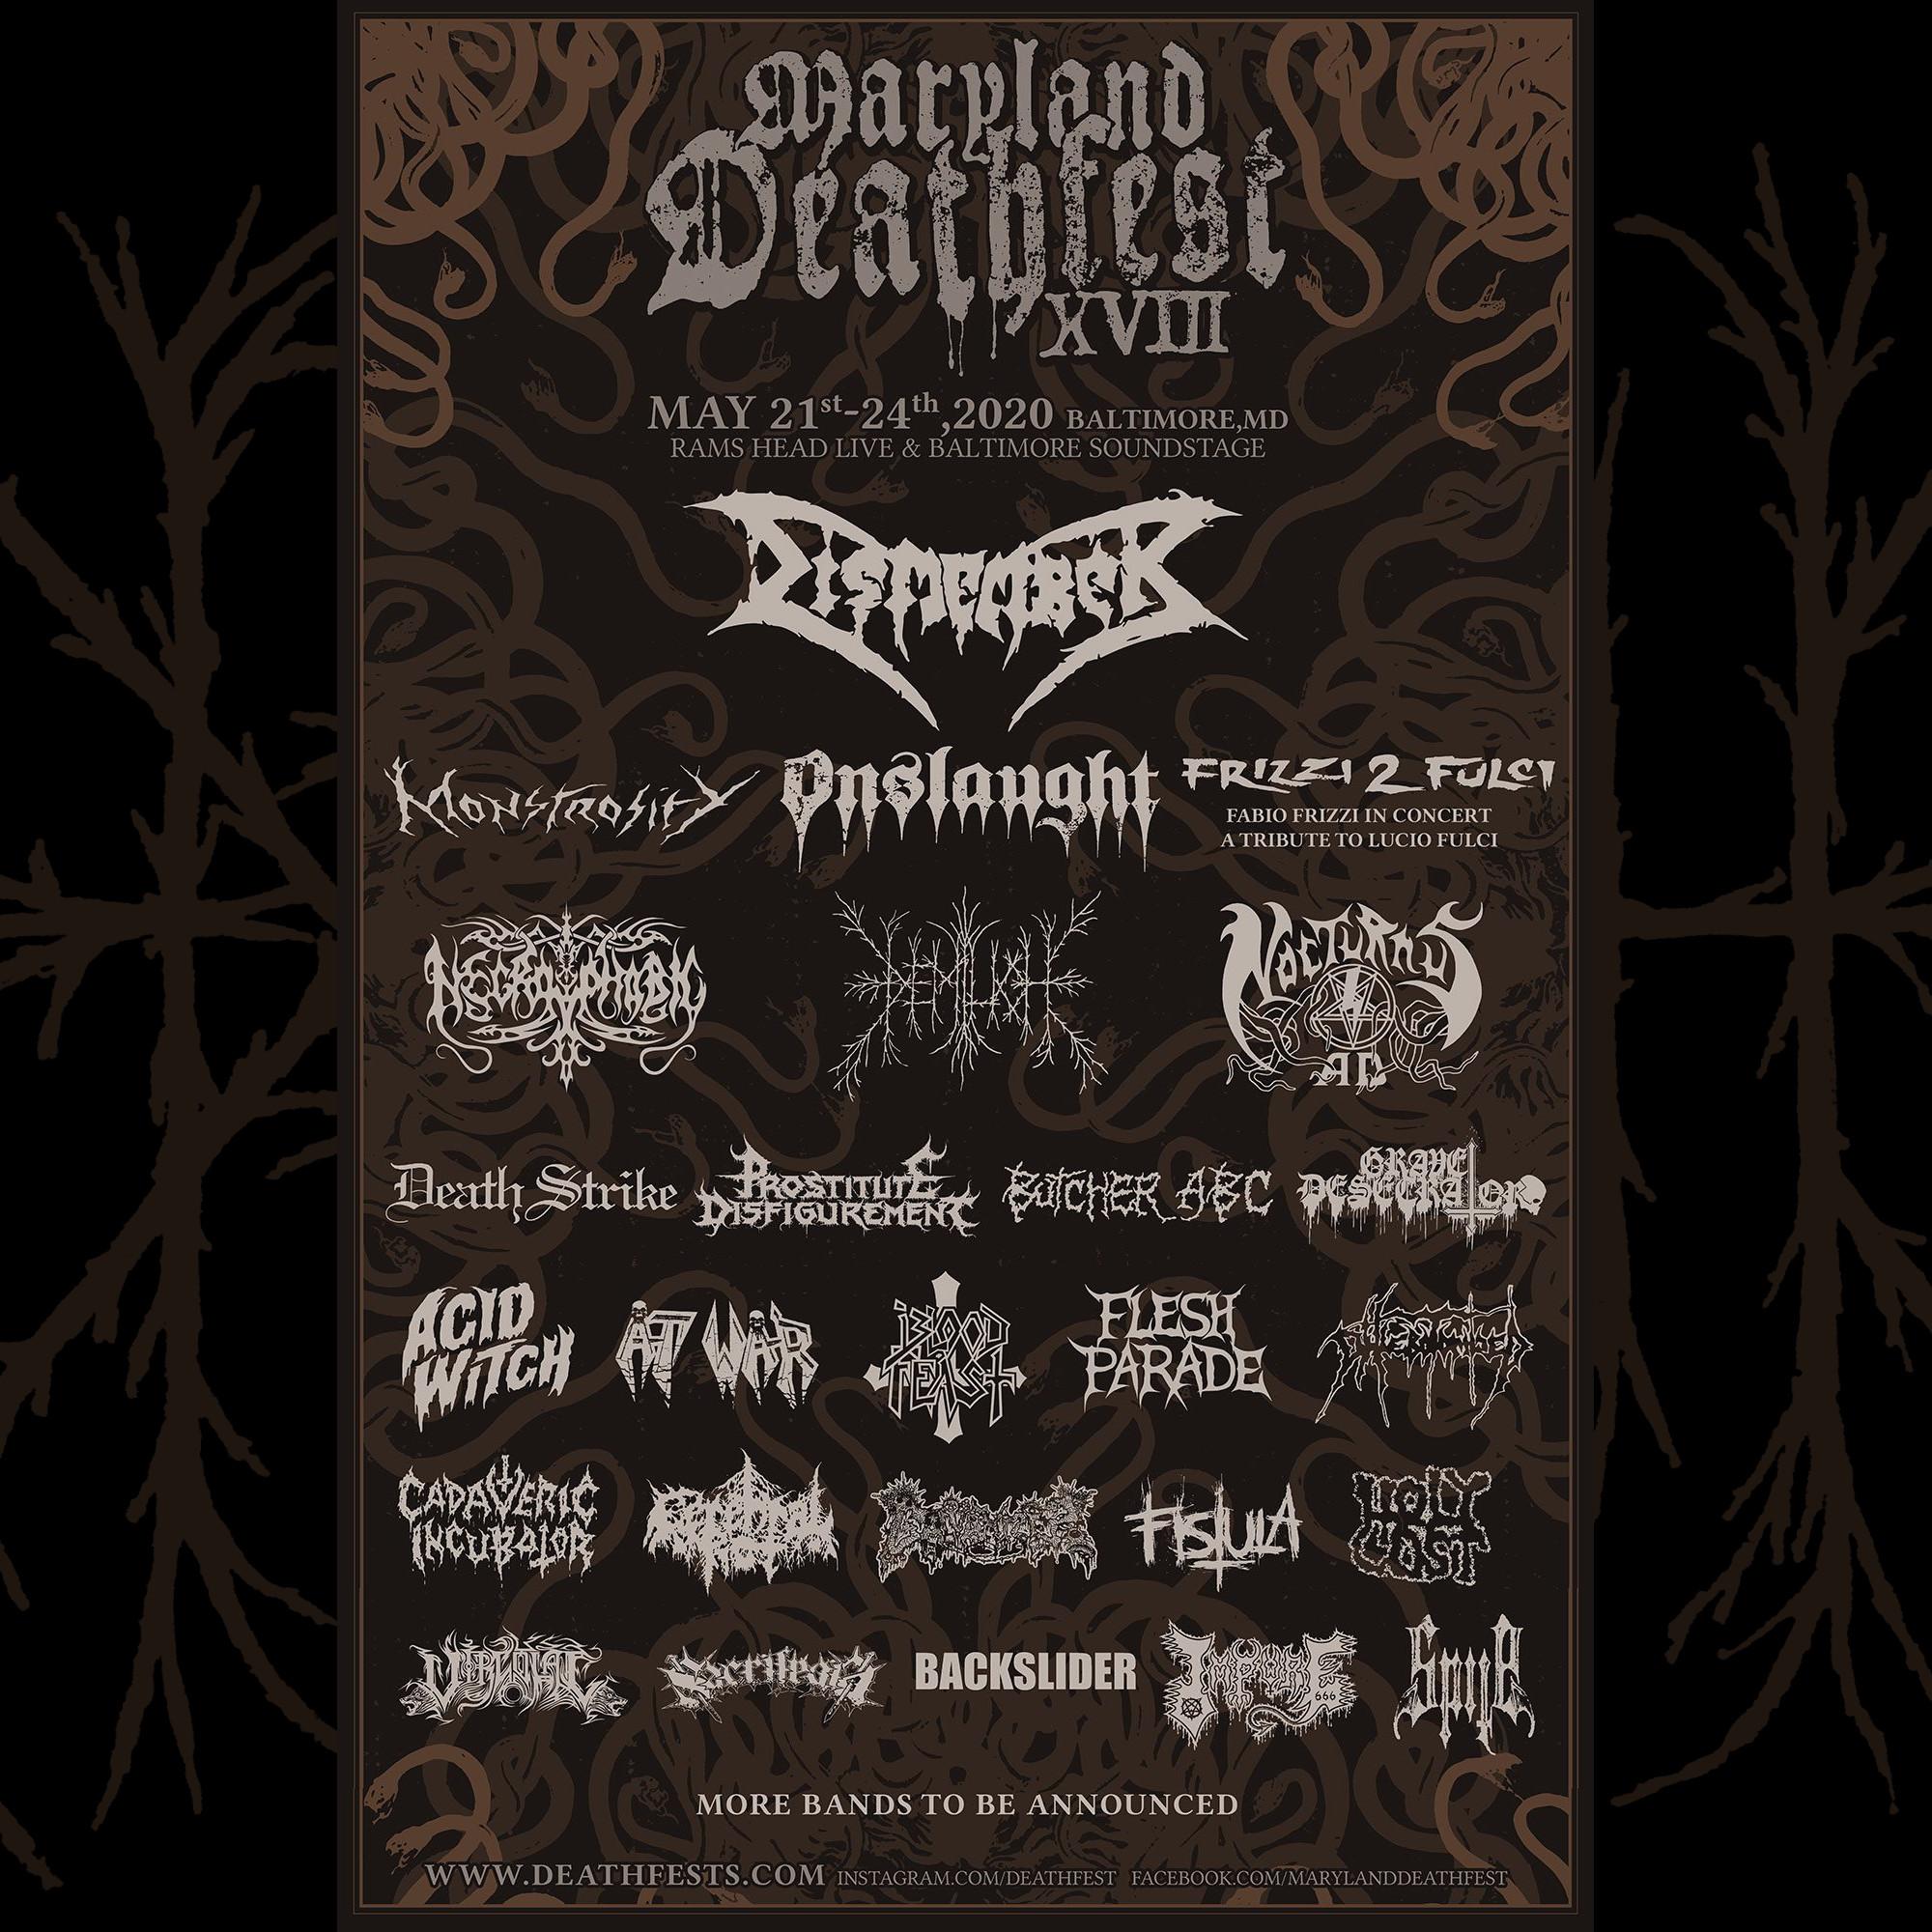 Demilich Deathfest XVIII